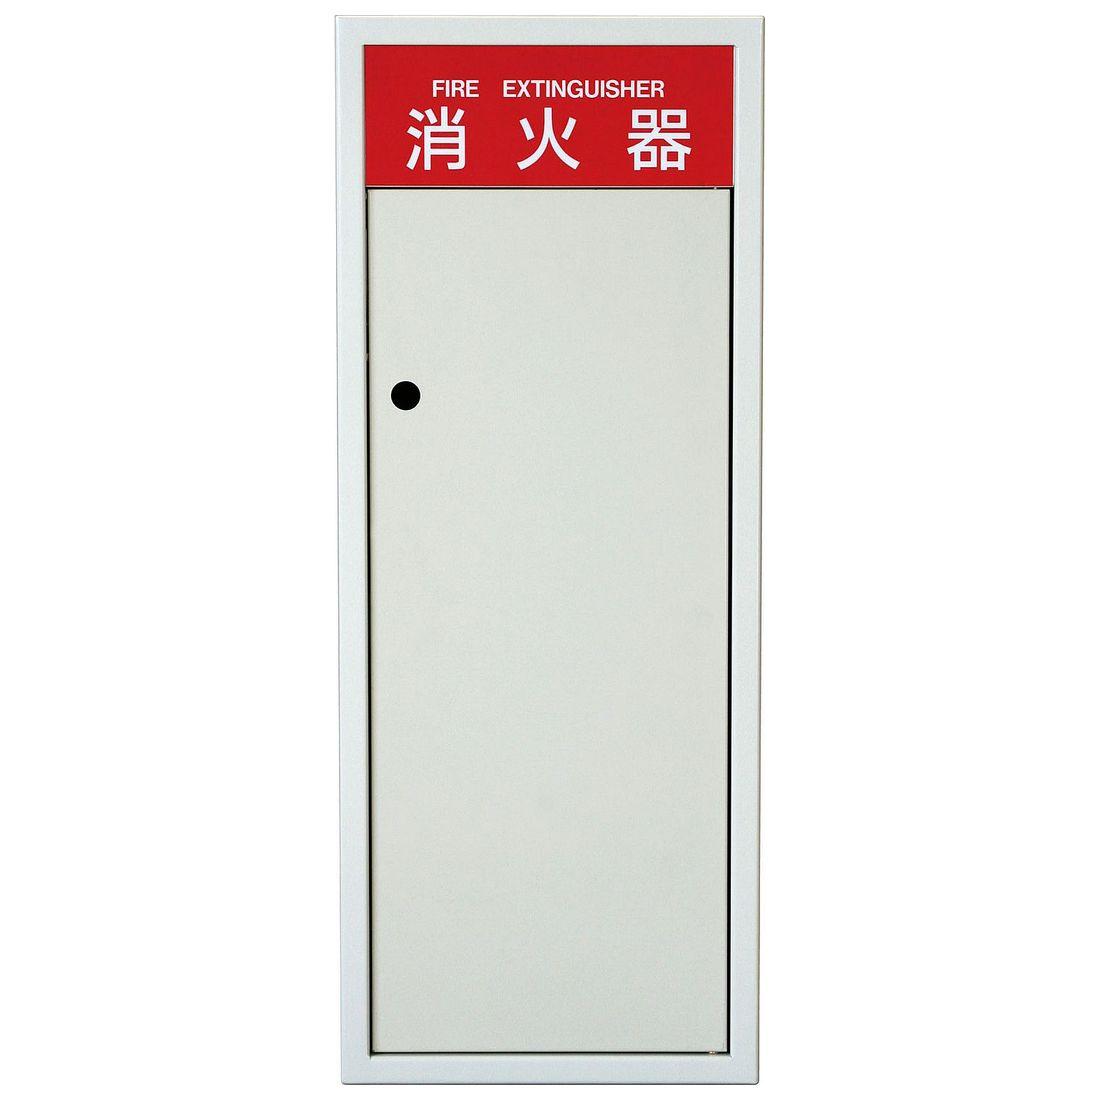 ダイケン 消火器ボックス 全埋込型 FBD-S型 FBD2-S